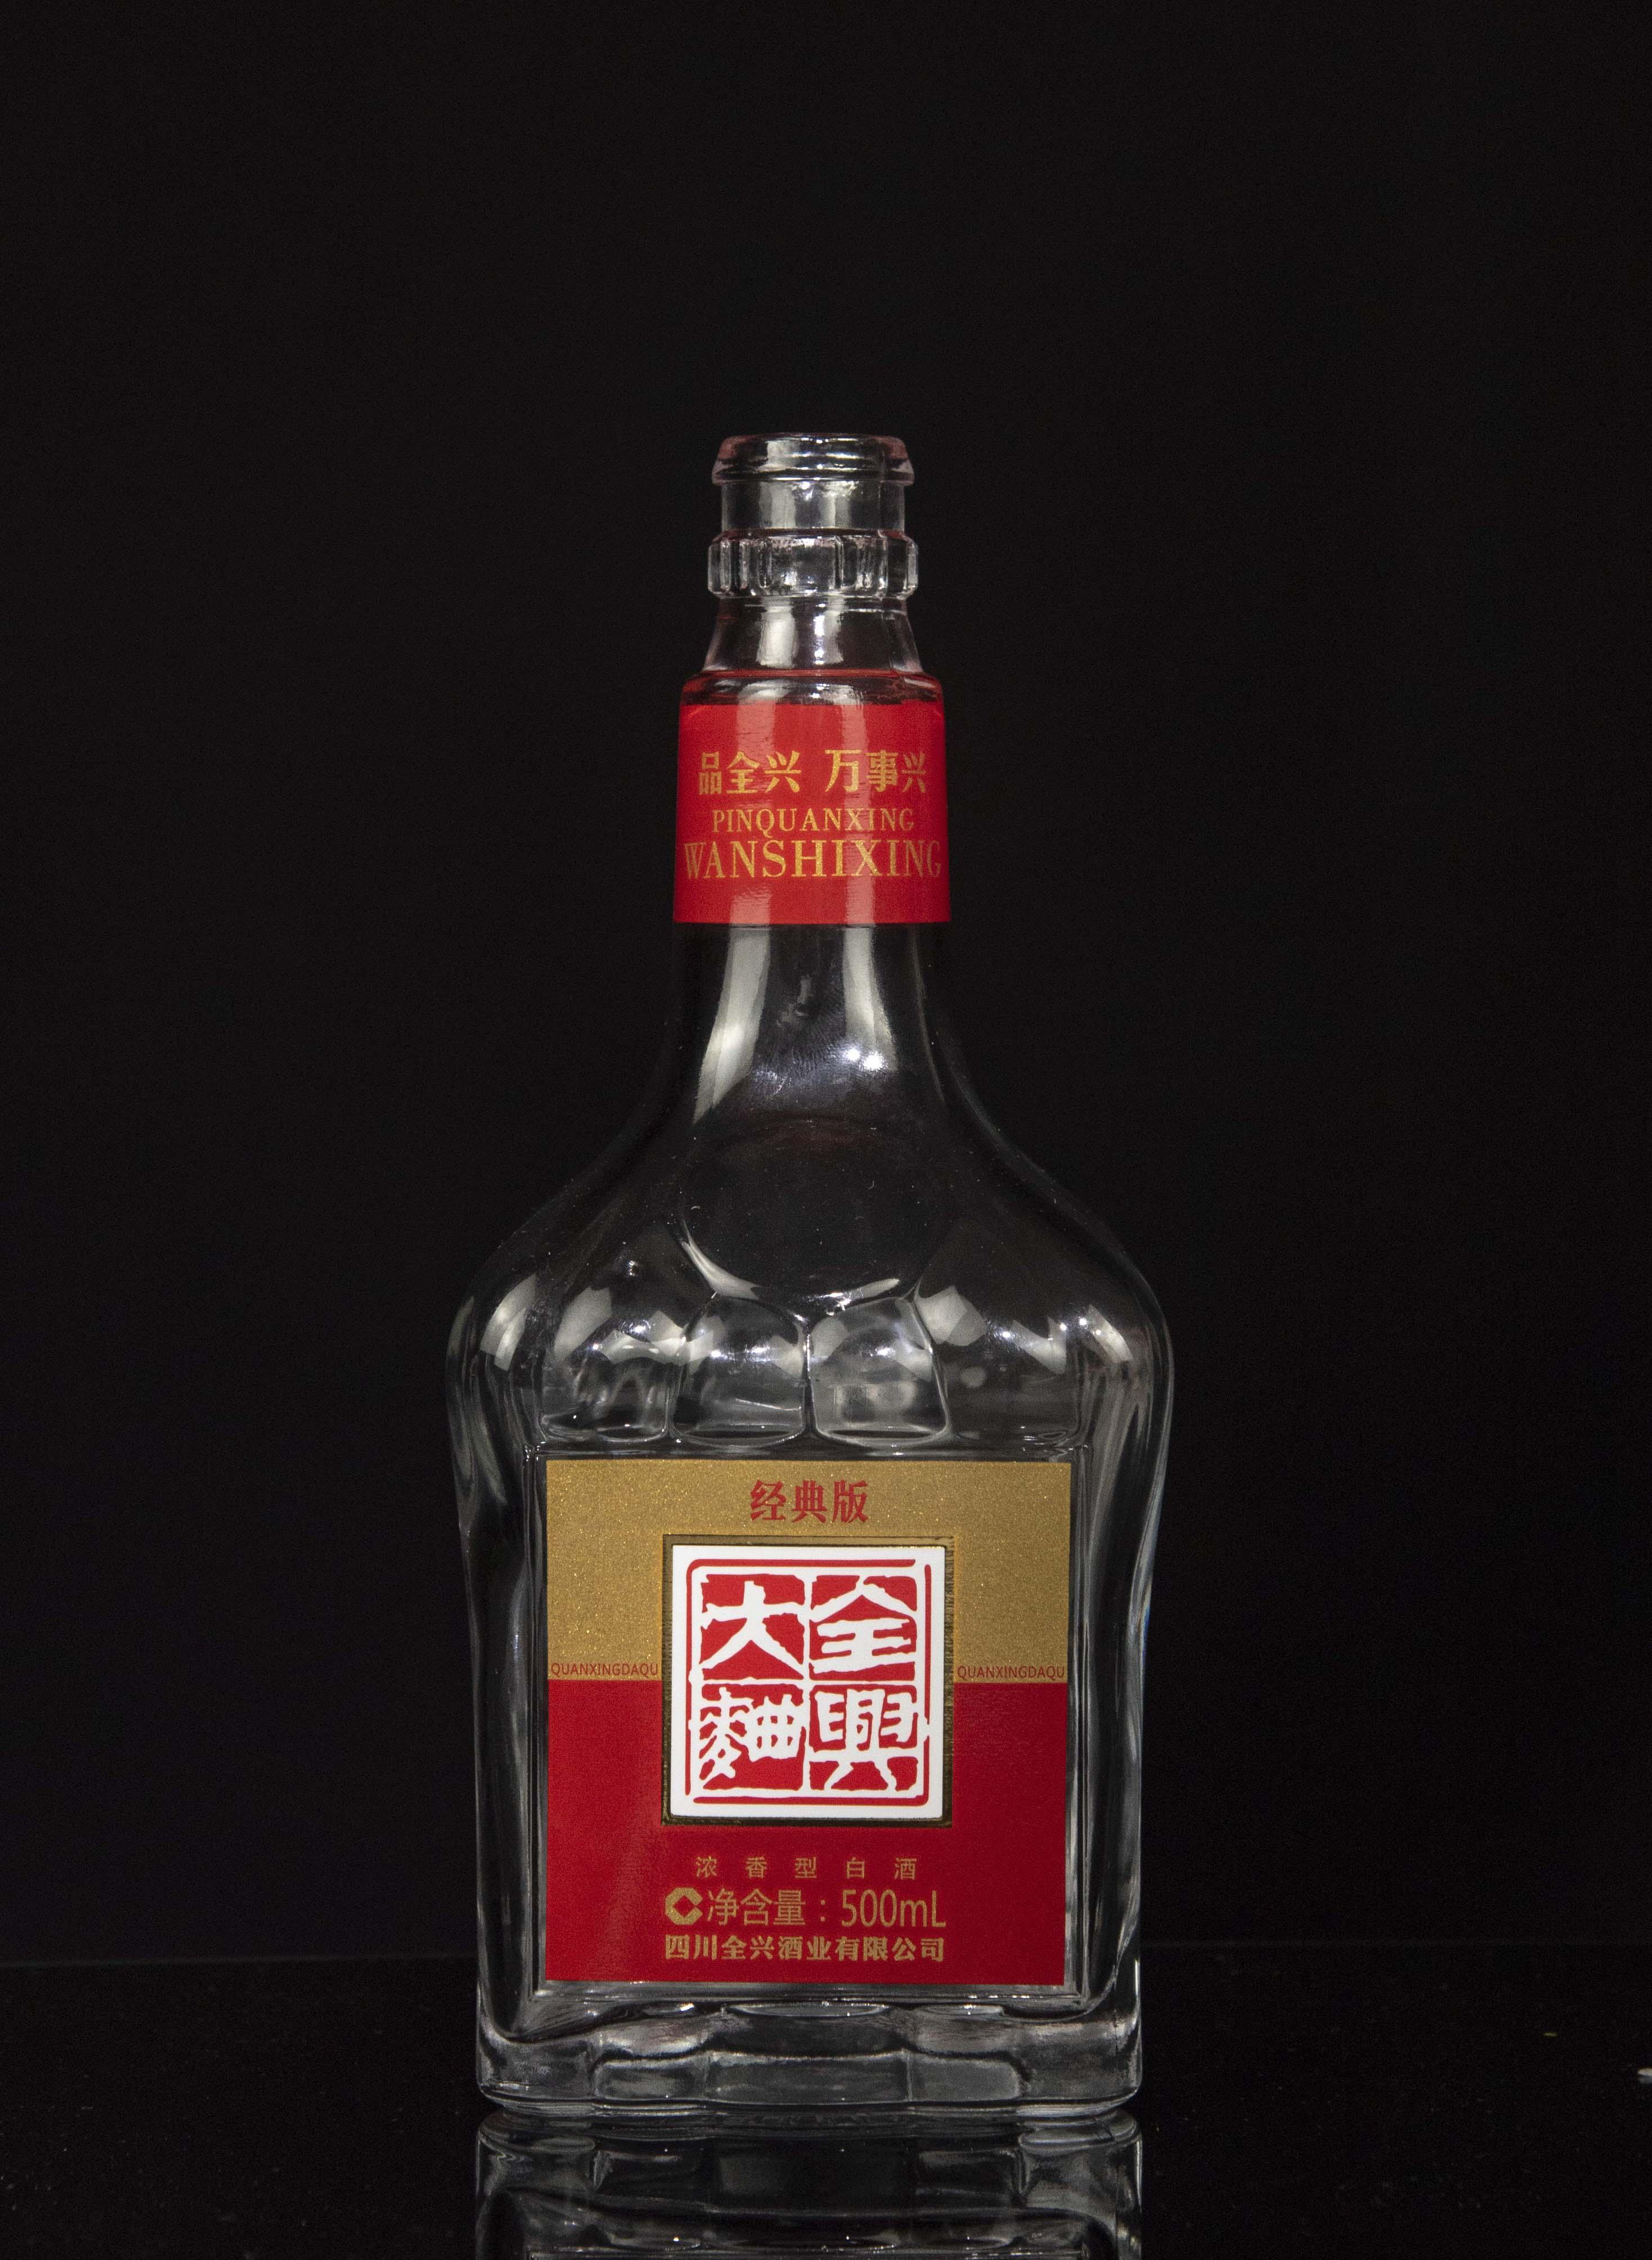 全兴大曲经典版酒瓶